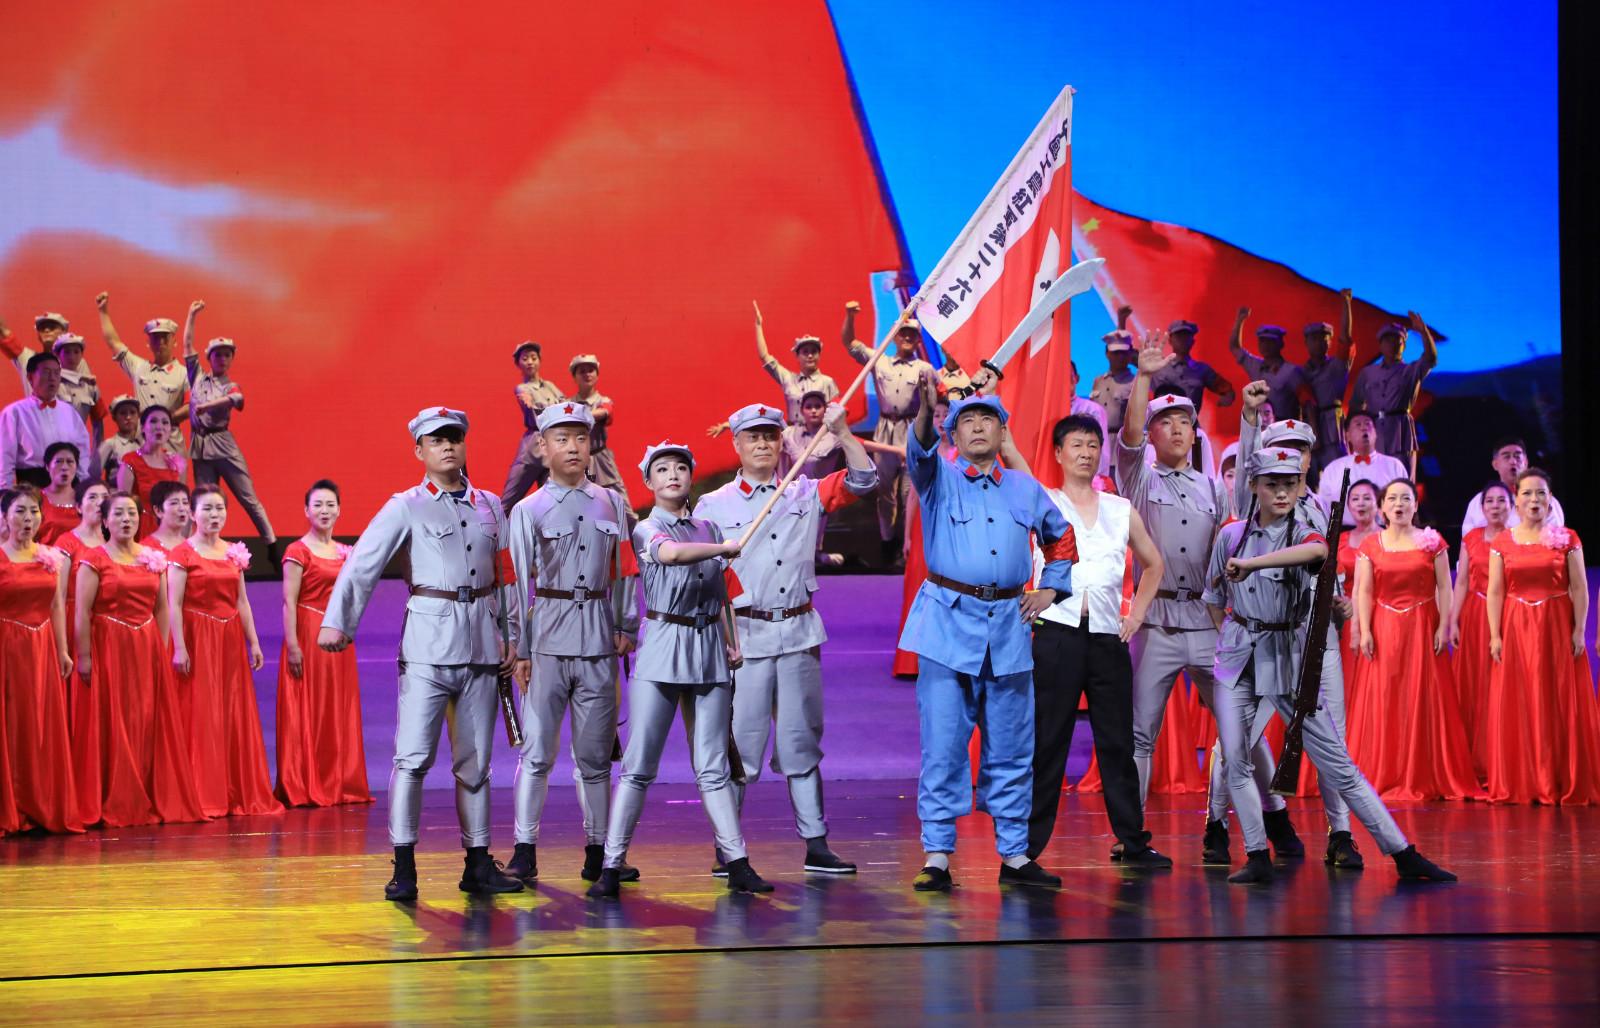 第四届铜川艺术节来啦!属于艺术与群众的盛会精彩呈现